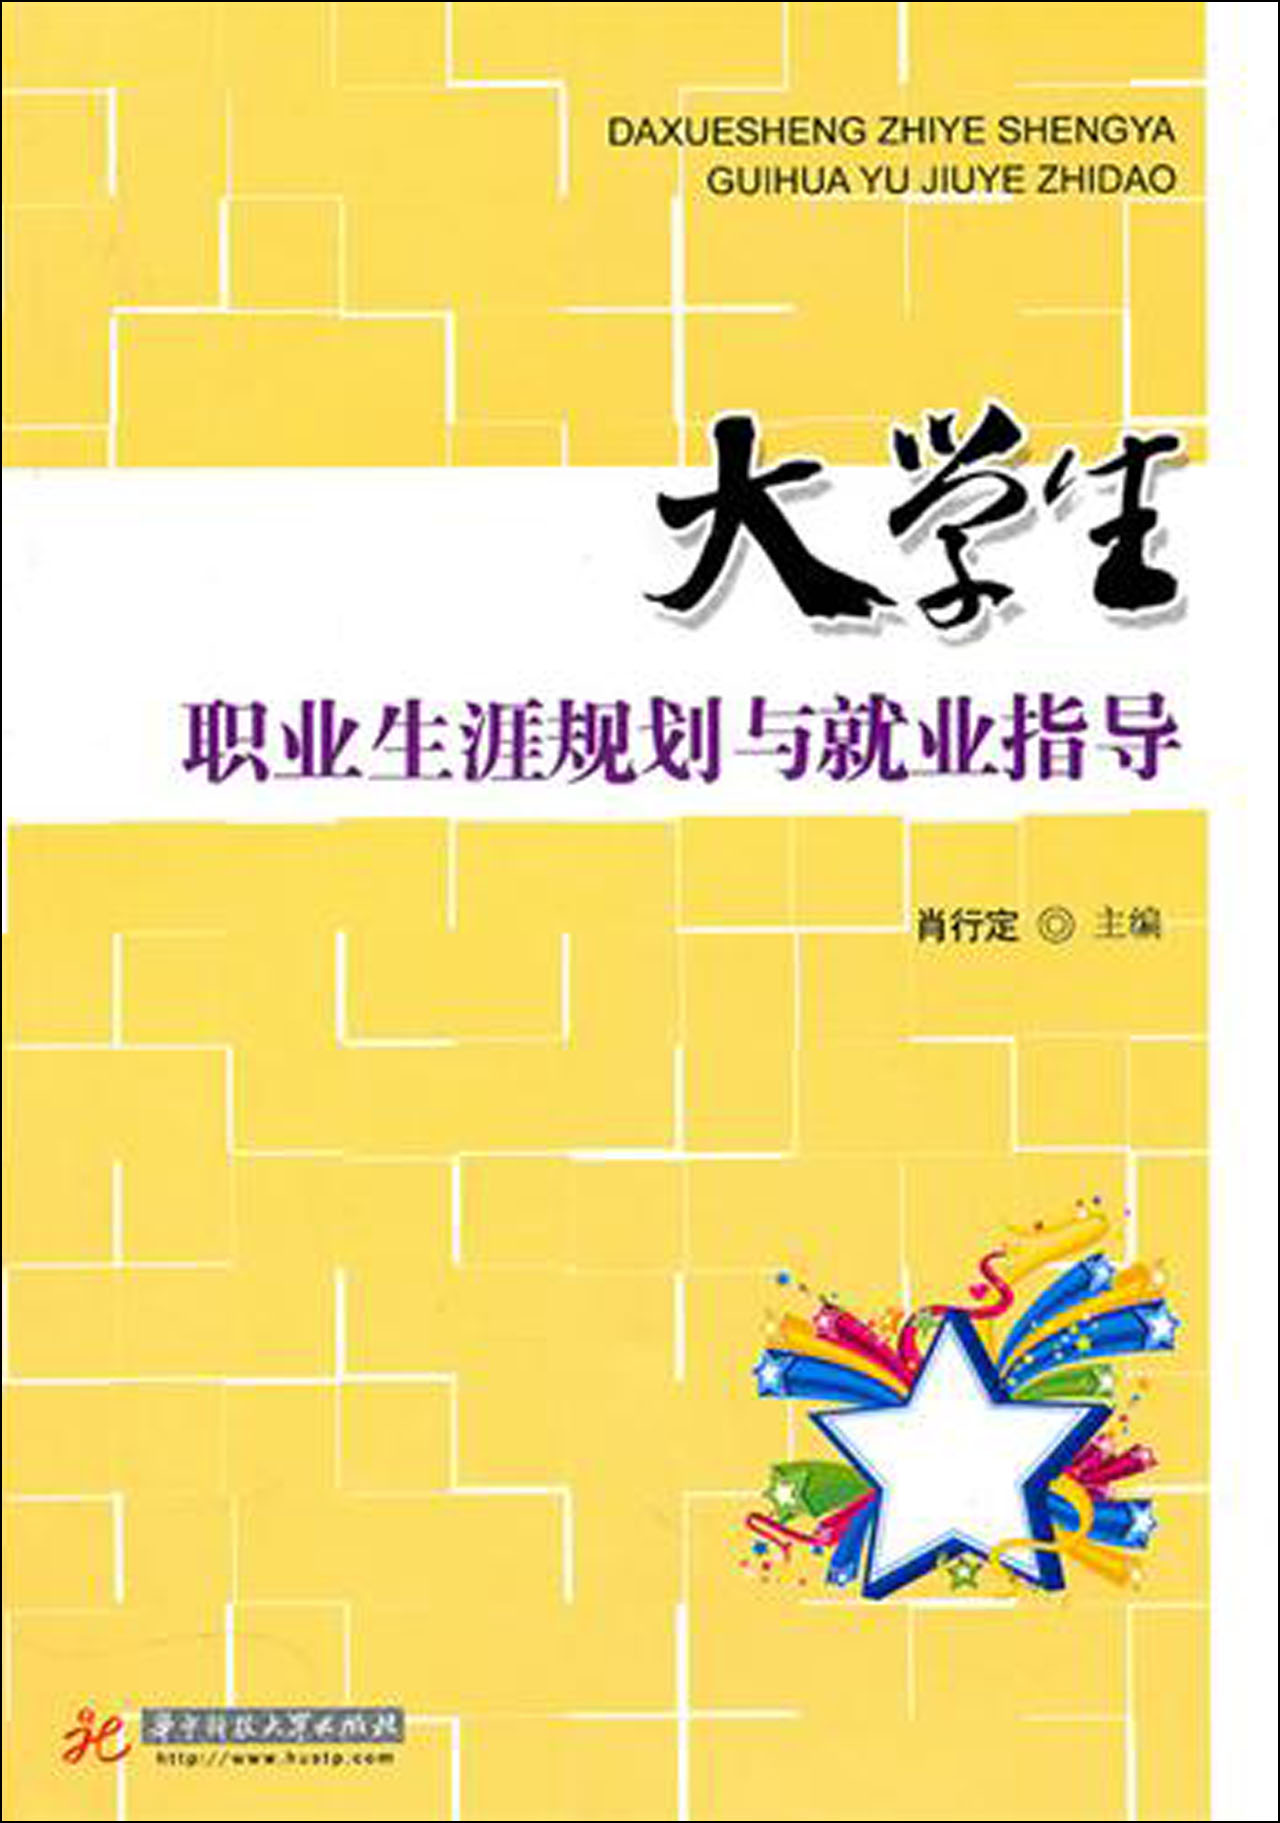 大学生职业生涯规划与就业指导-博库网